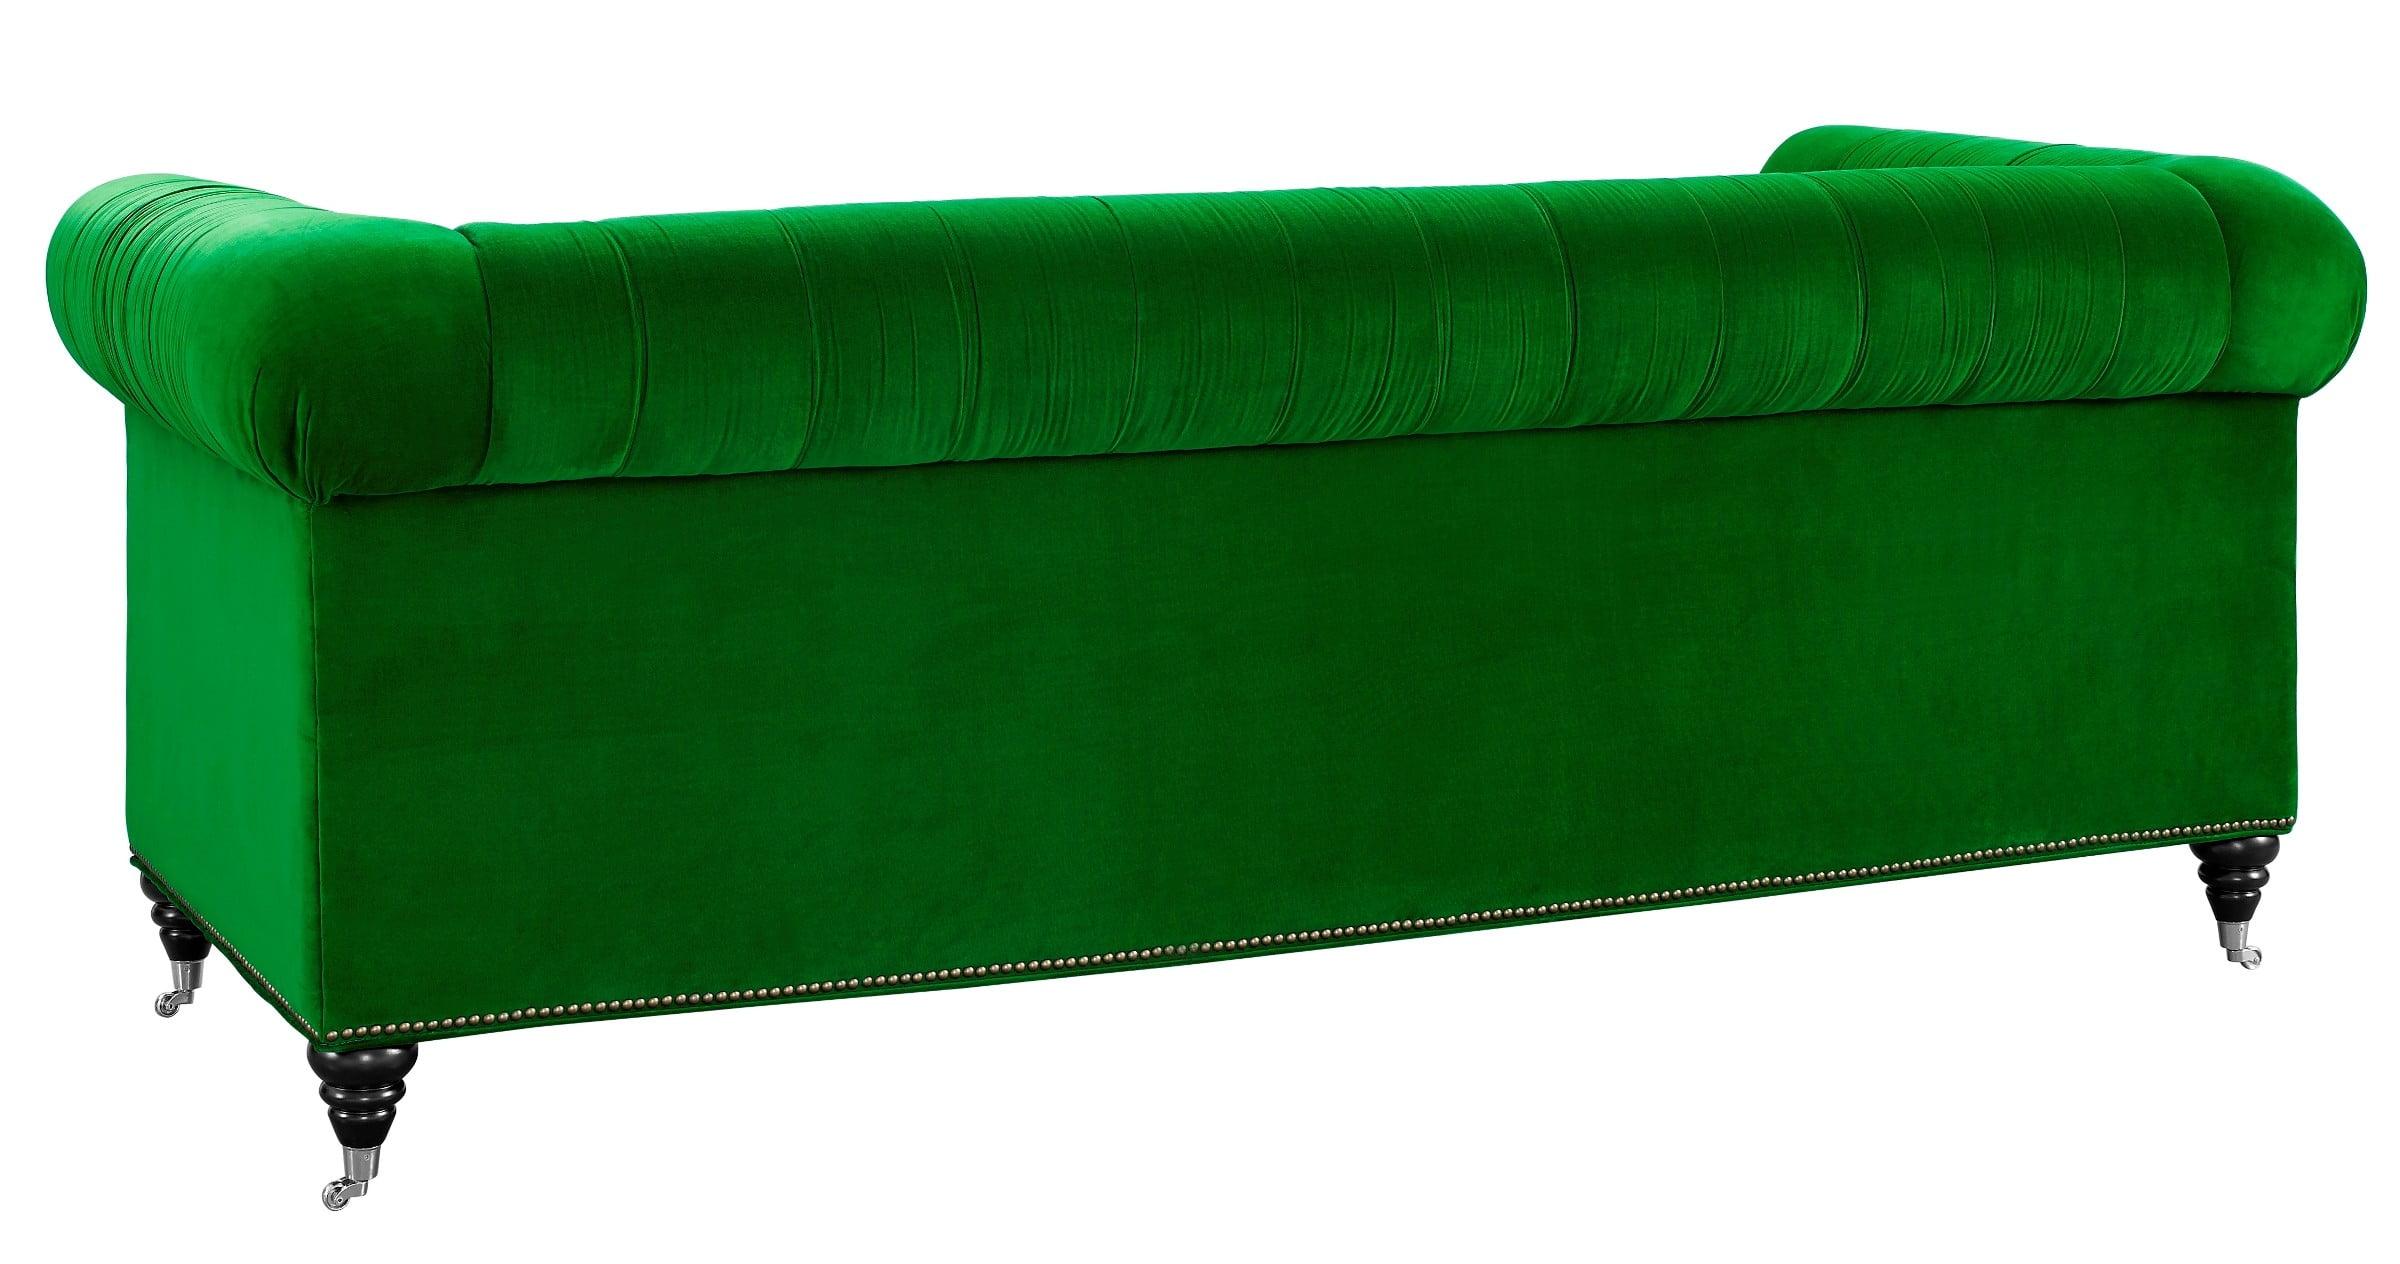 Hanny Green Velvet Sofa From Tov S42 Coleman Furniture